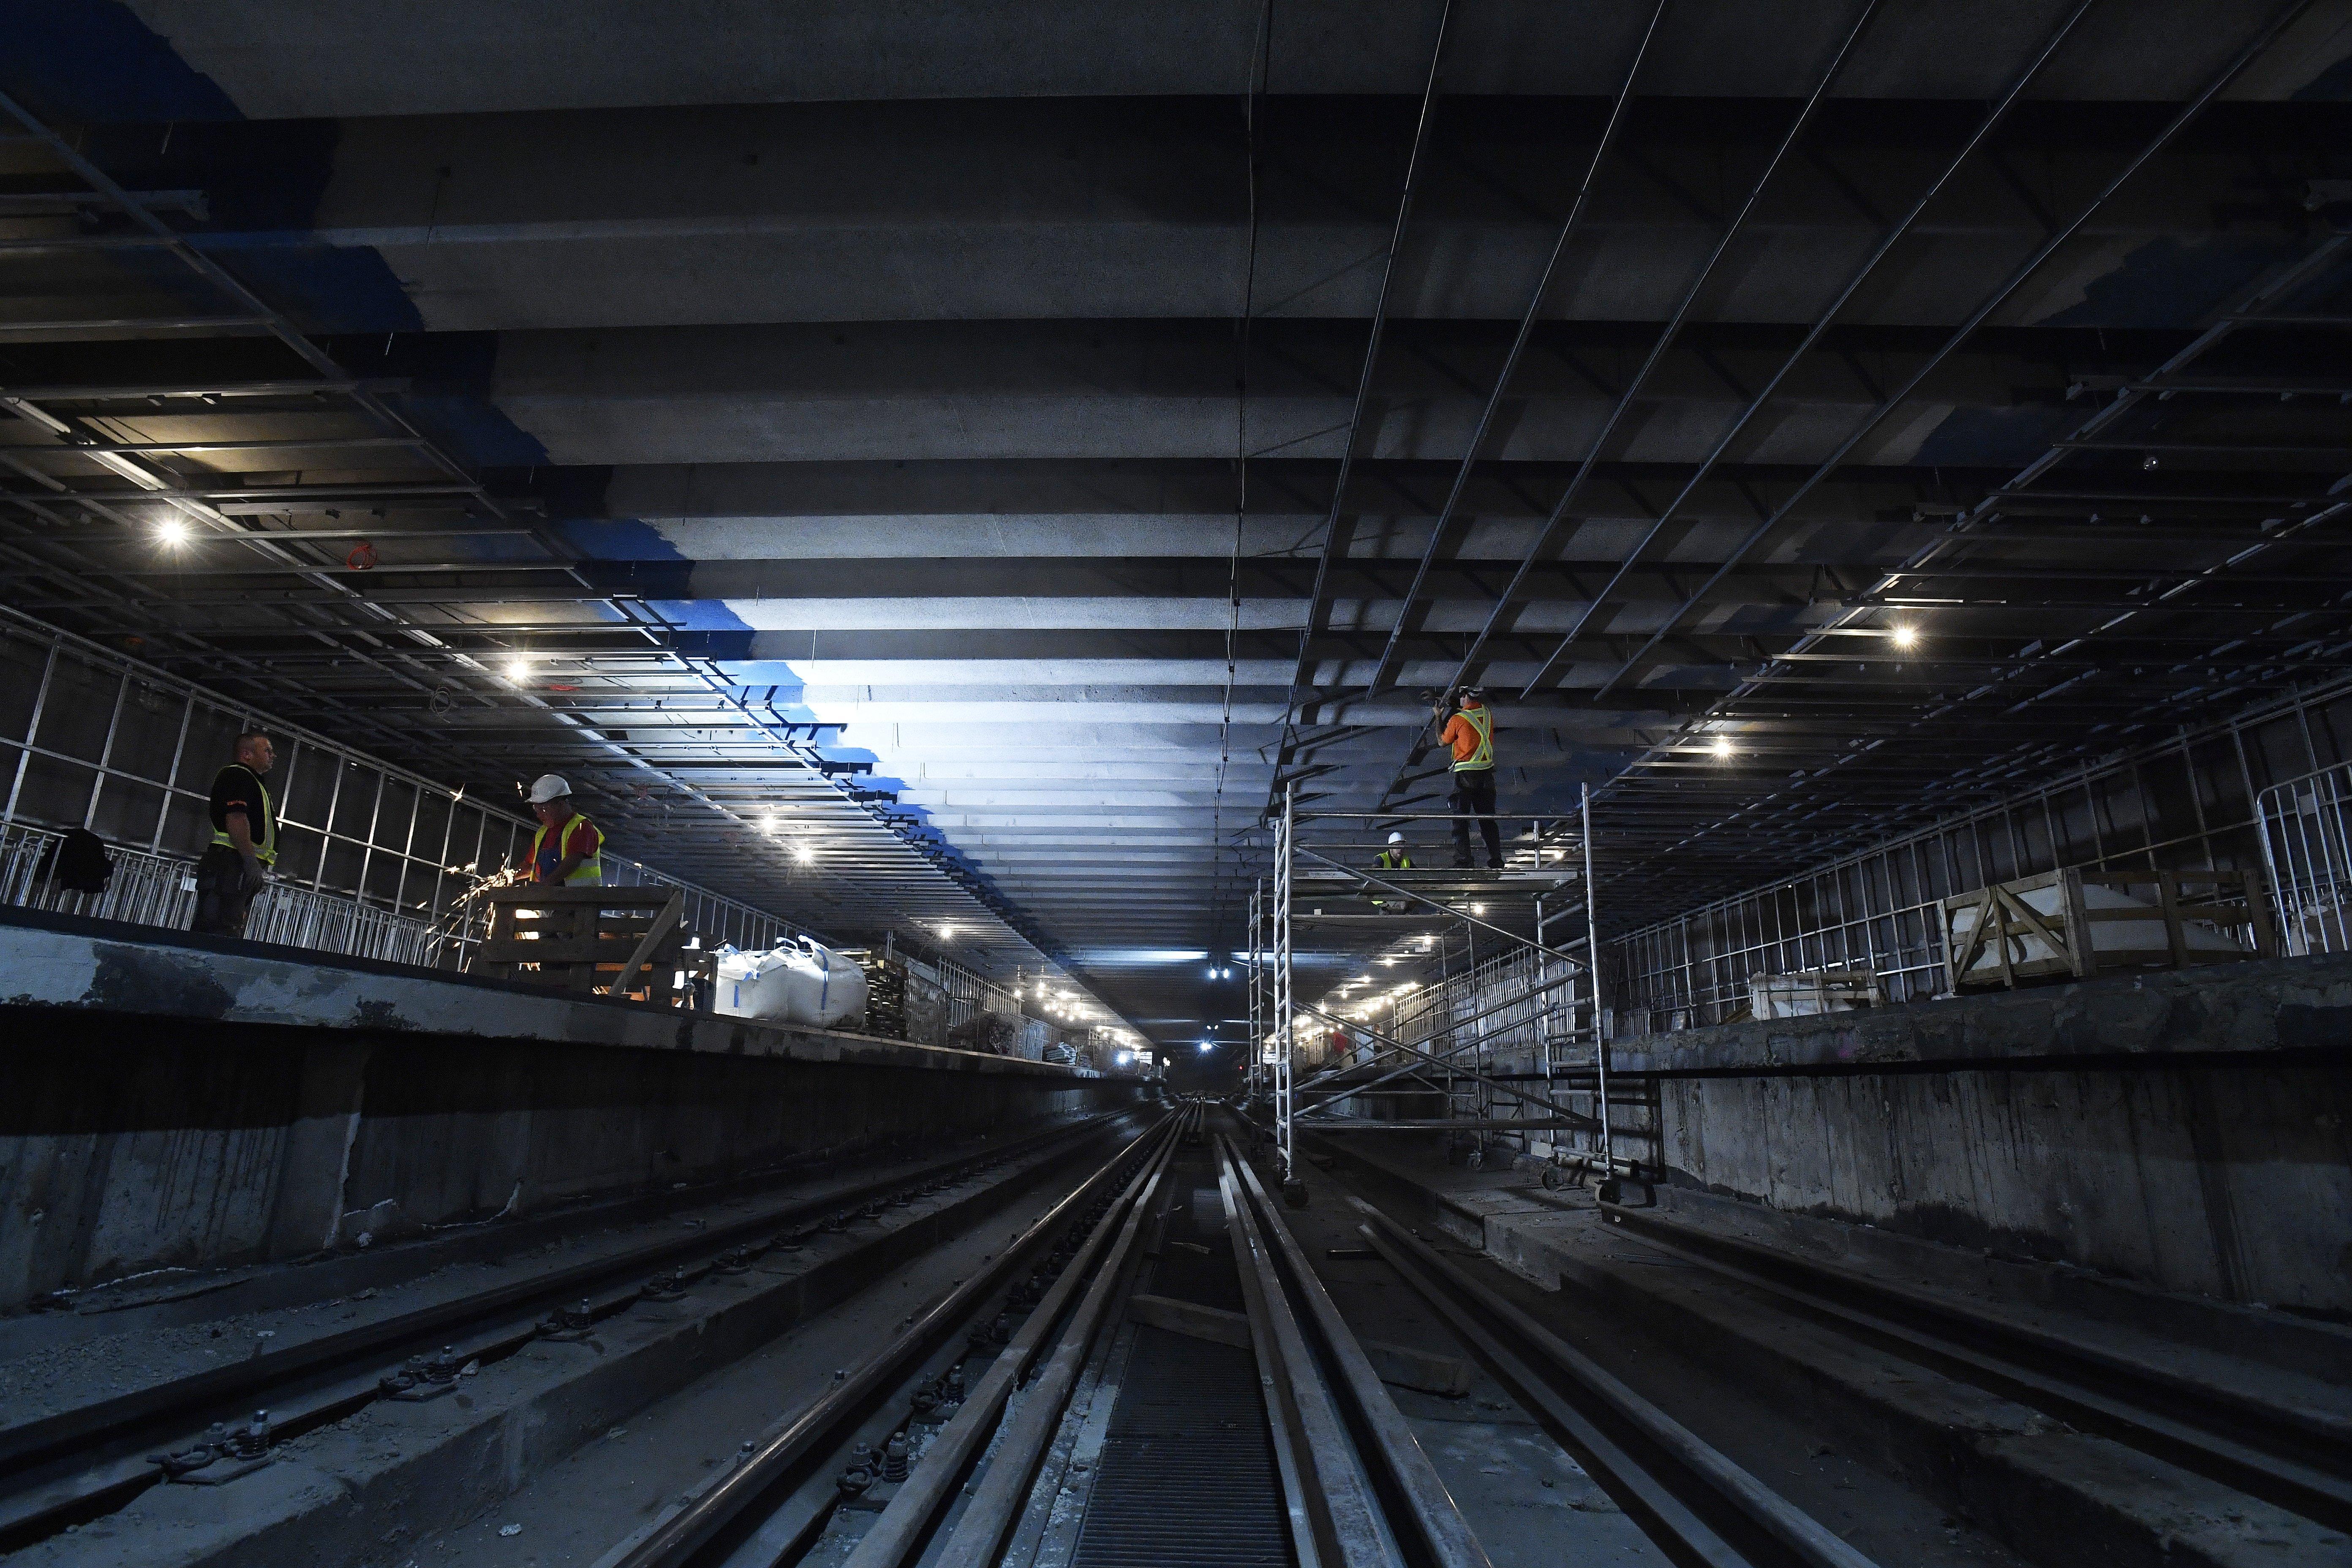 Kisállat okozta a tüzet a Gyöngyösi utcai metróaluljáróban